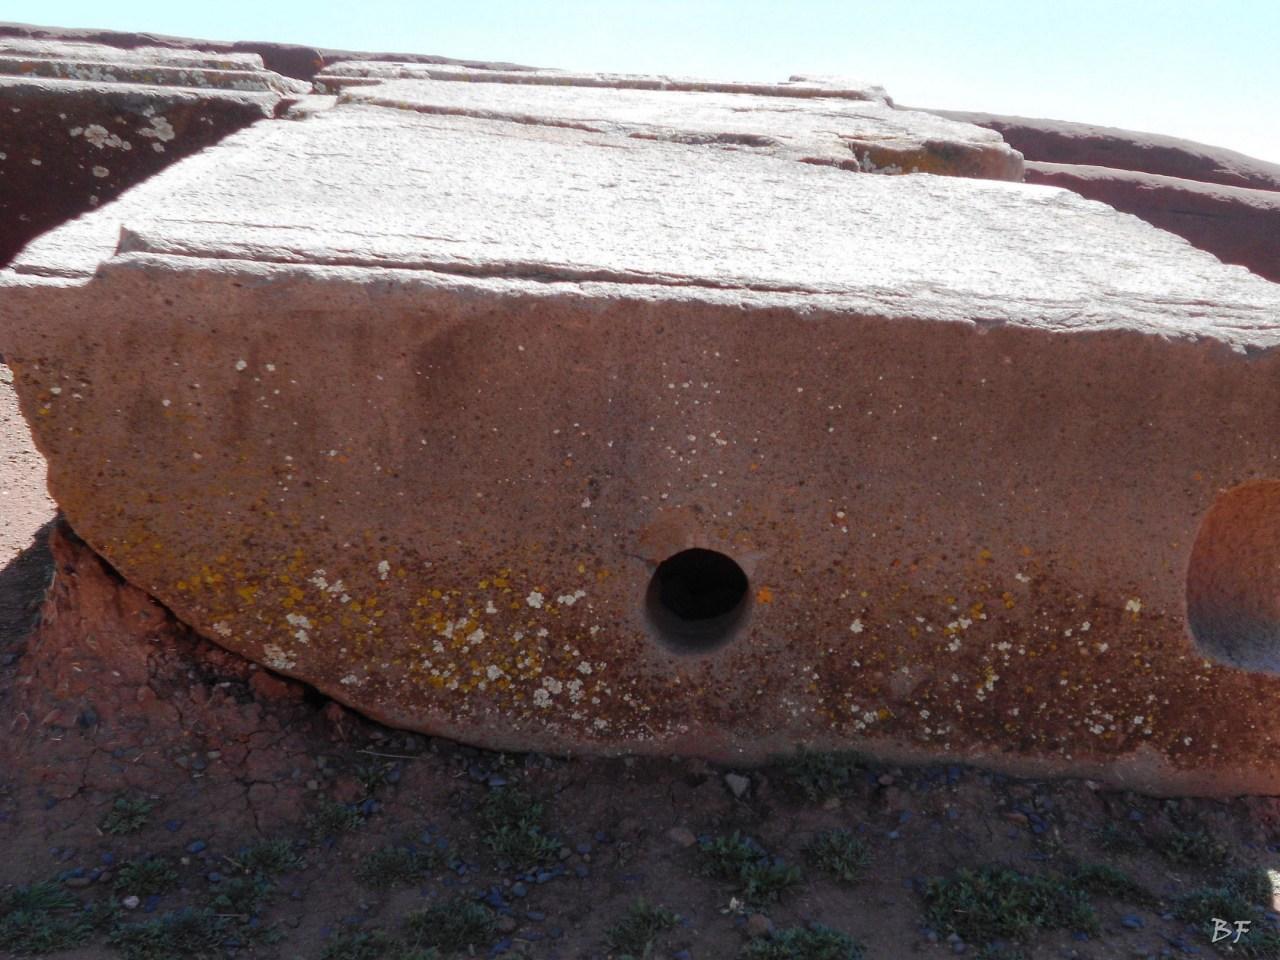 Puma-Punku-Area-Megalitica-Mura-Poligonali-Megaliti-Tiwanaku-Tiahuanaco-Bolivia-46